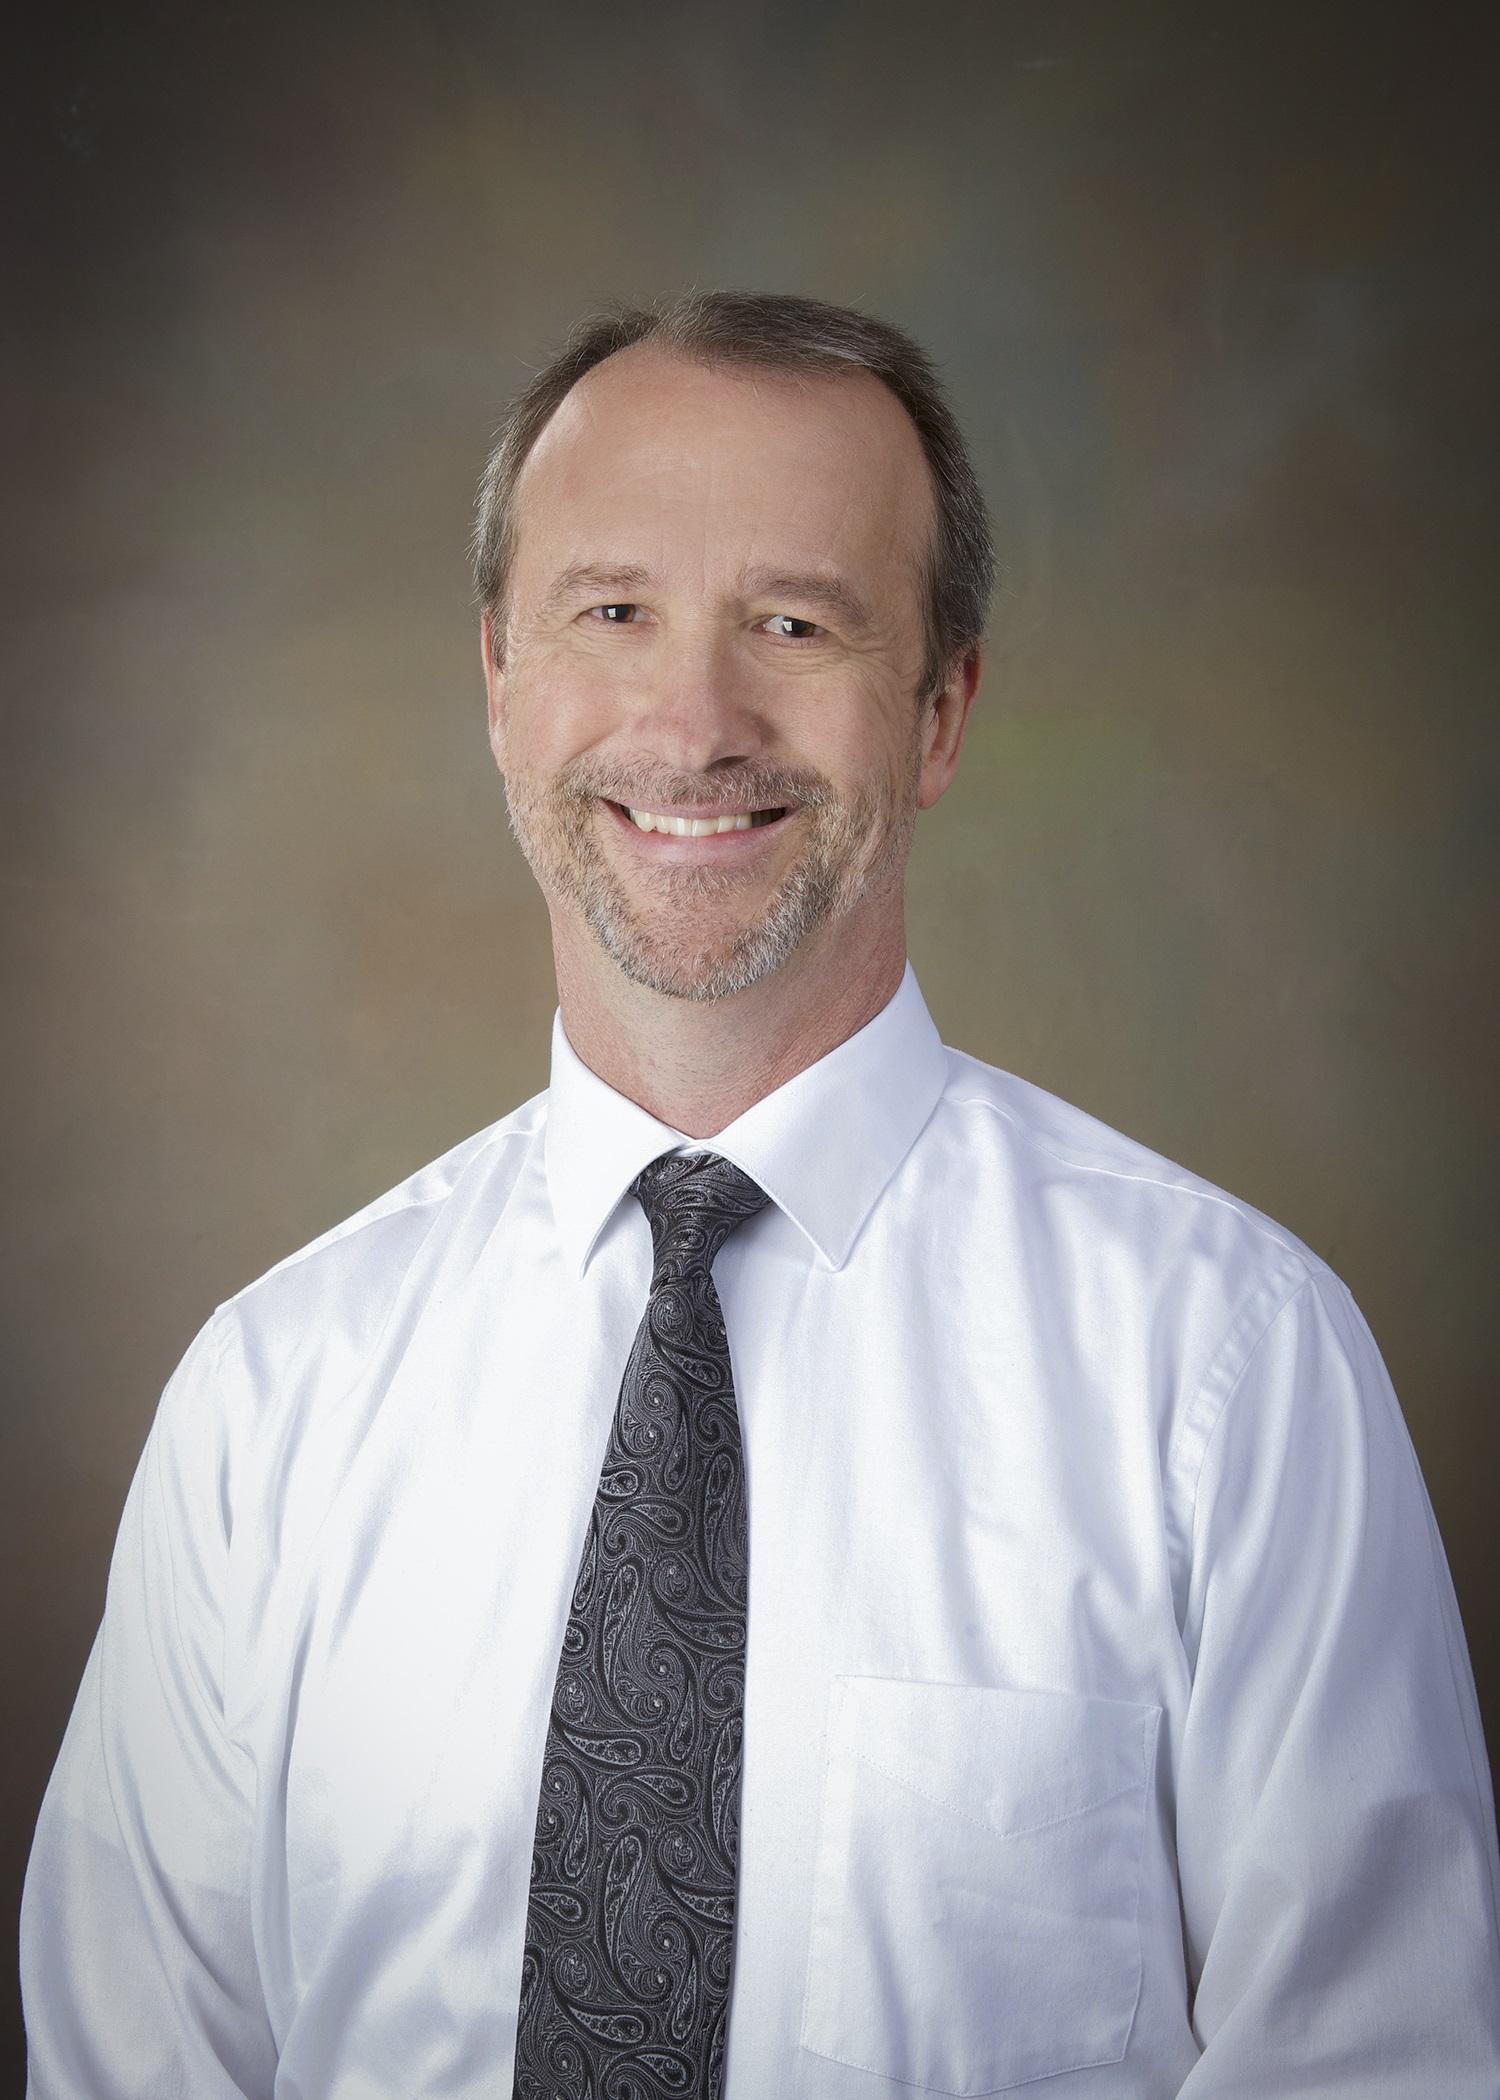 Rick Sherwood